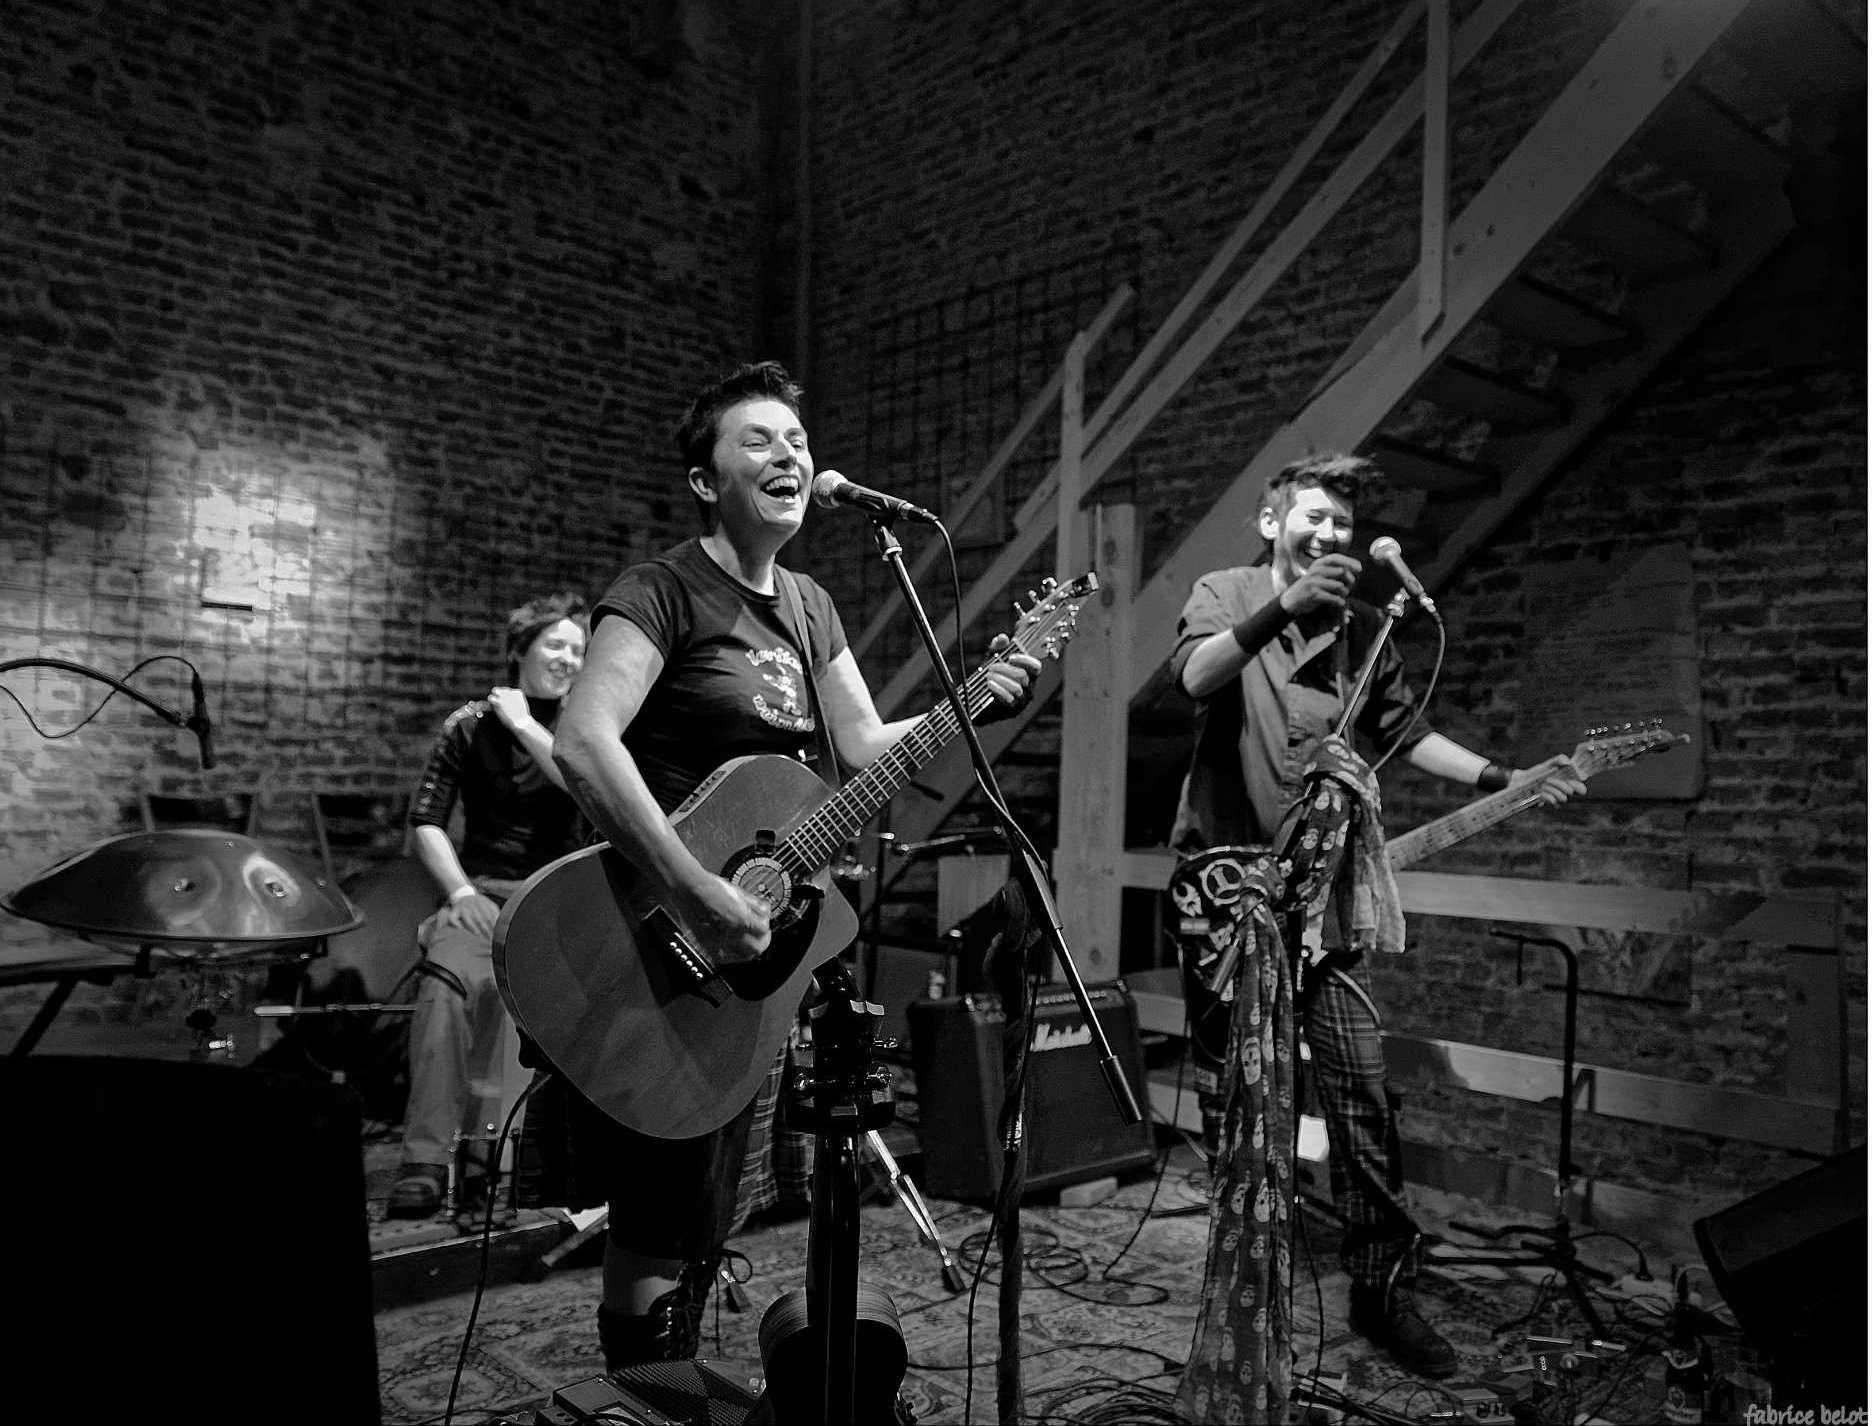 Les fées minées tournée Belgique 2016 Mesnil L'Eglise